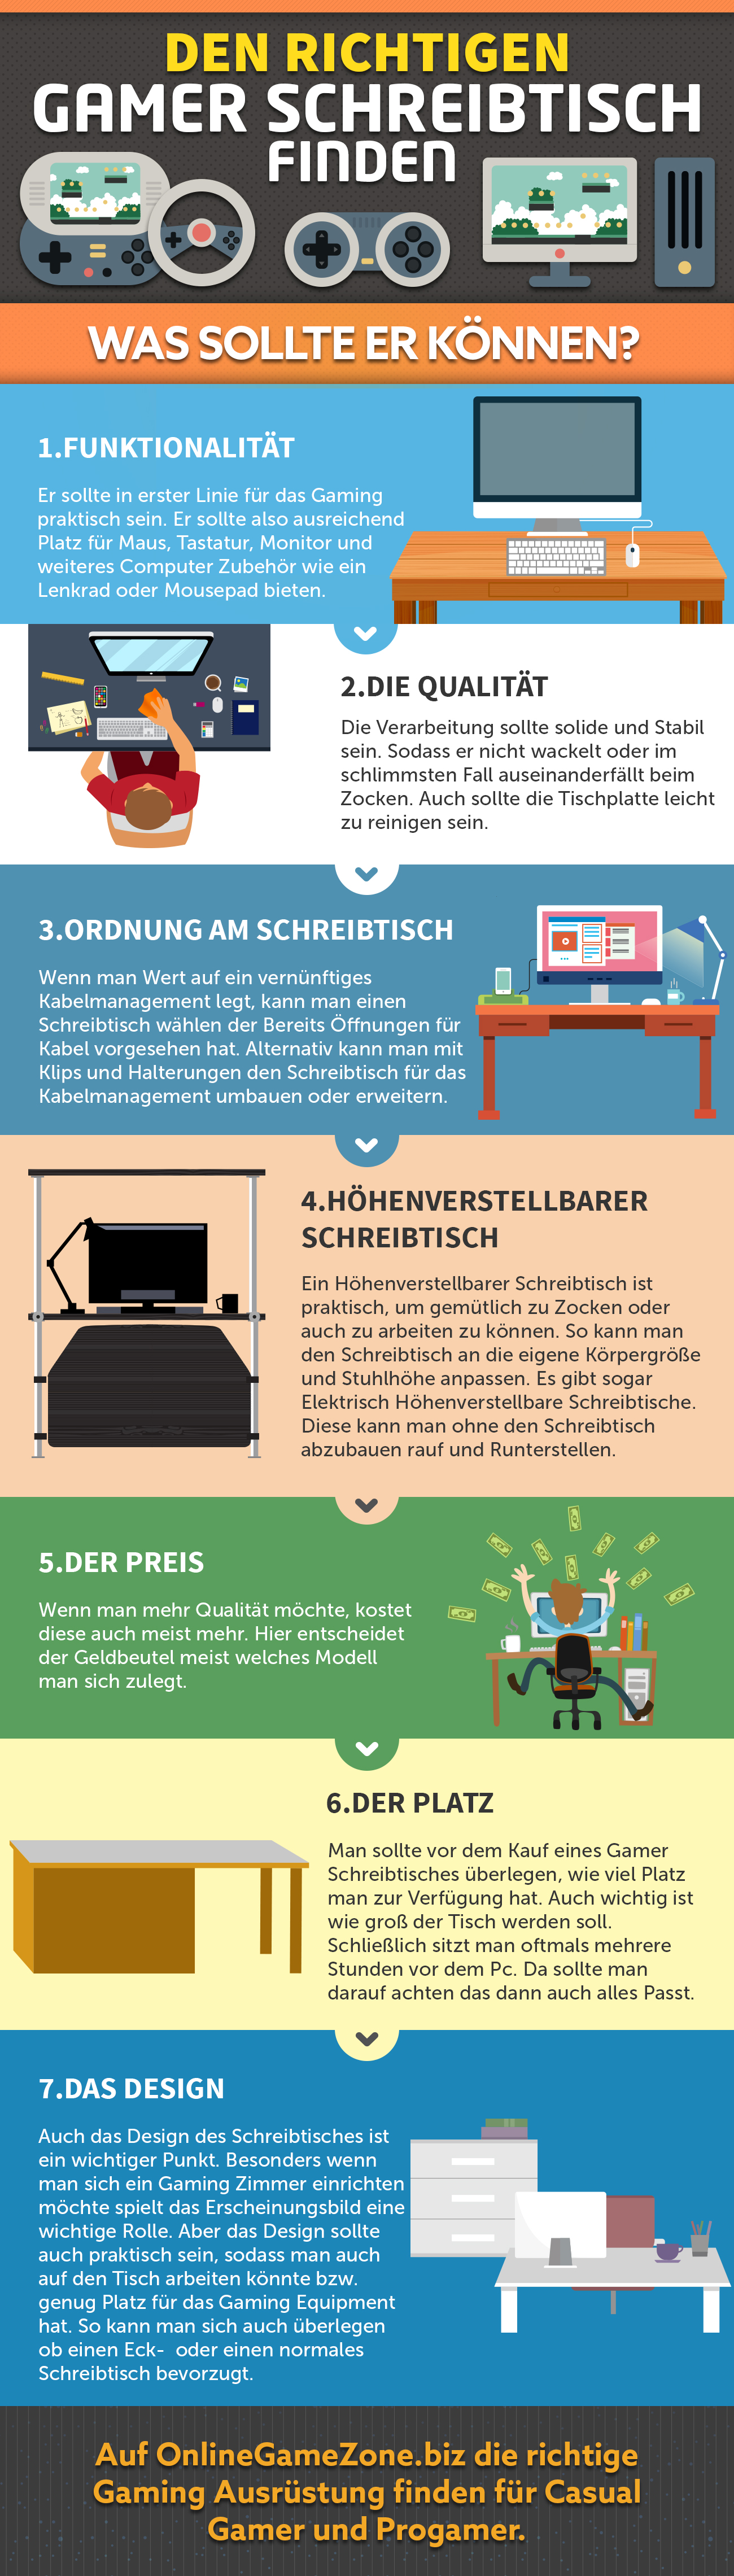 Gamer Schreibtisch Infografik. Tische für das Gaming